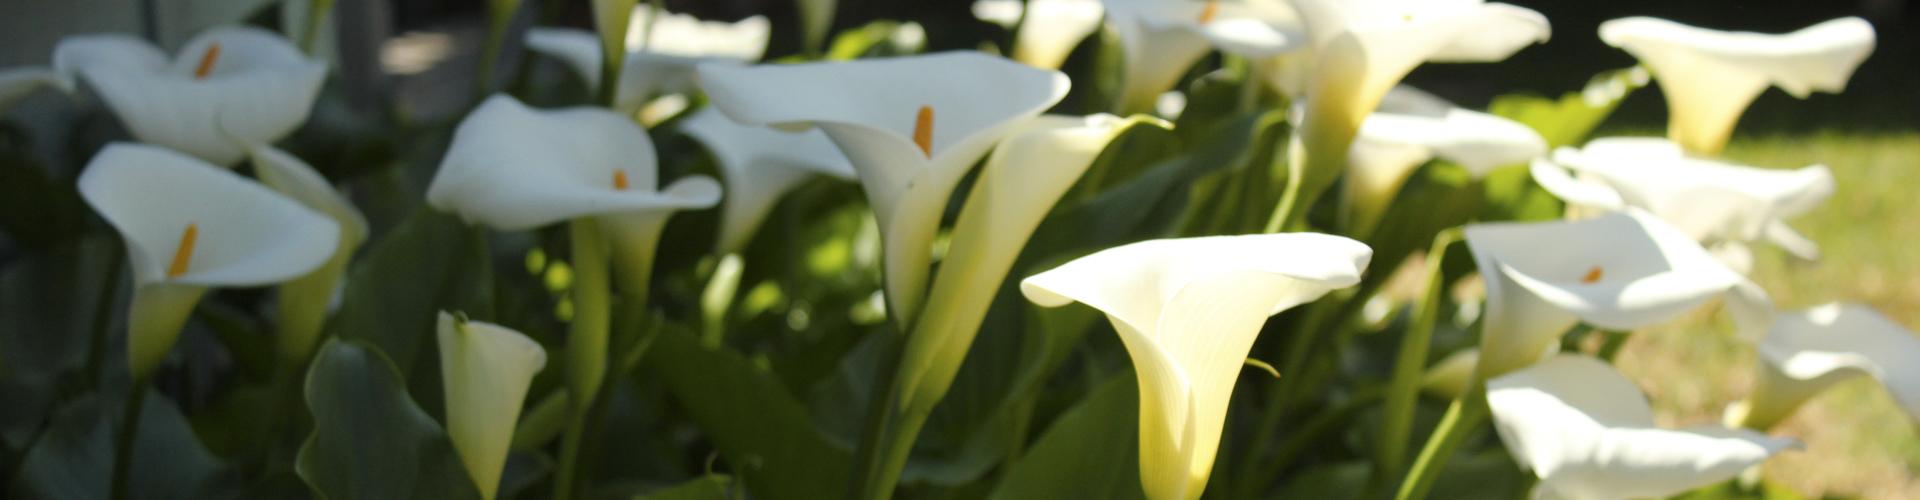 kwiaty4